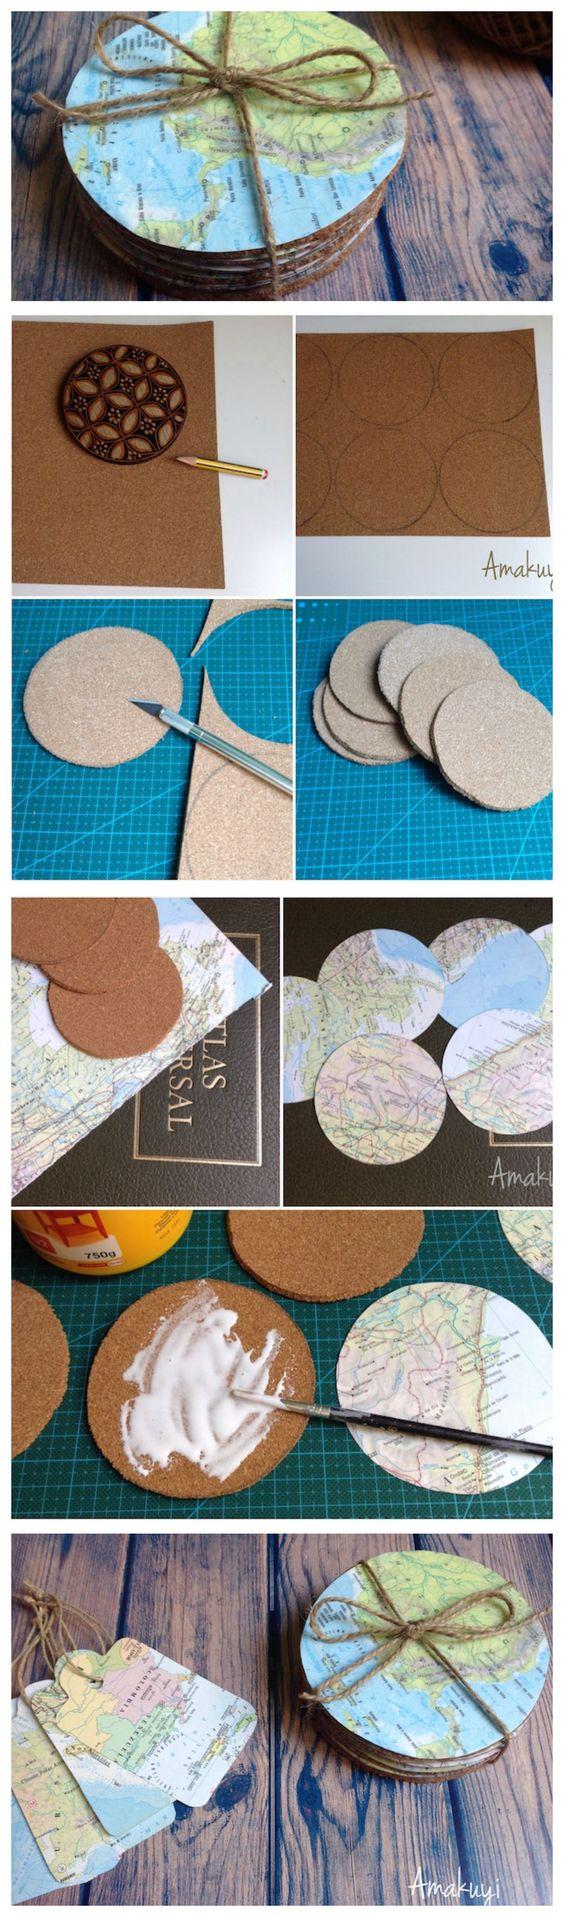 Posavasos con material de reciclaje. Una manualidad sencilla para reciclar mapas, o viejas revistas, periódicos...